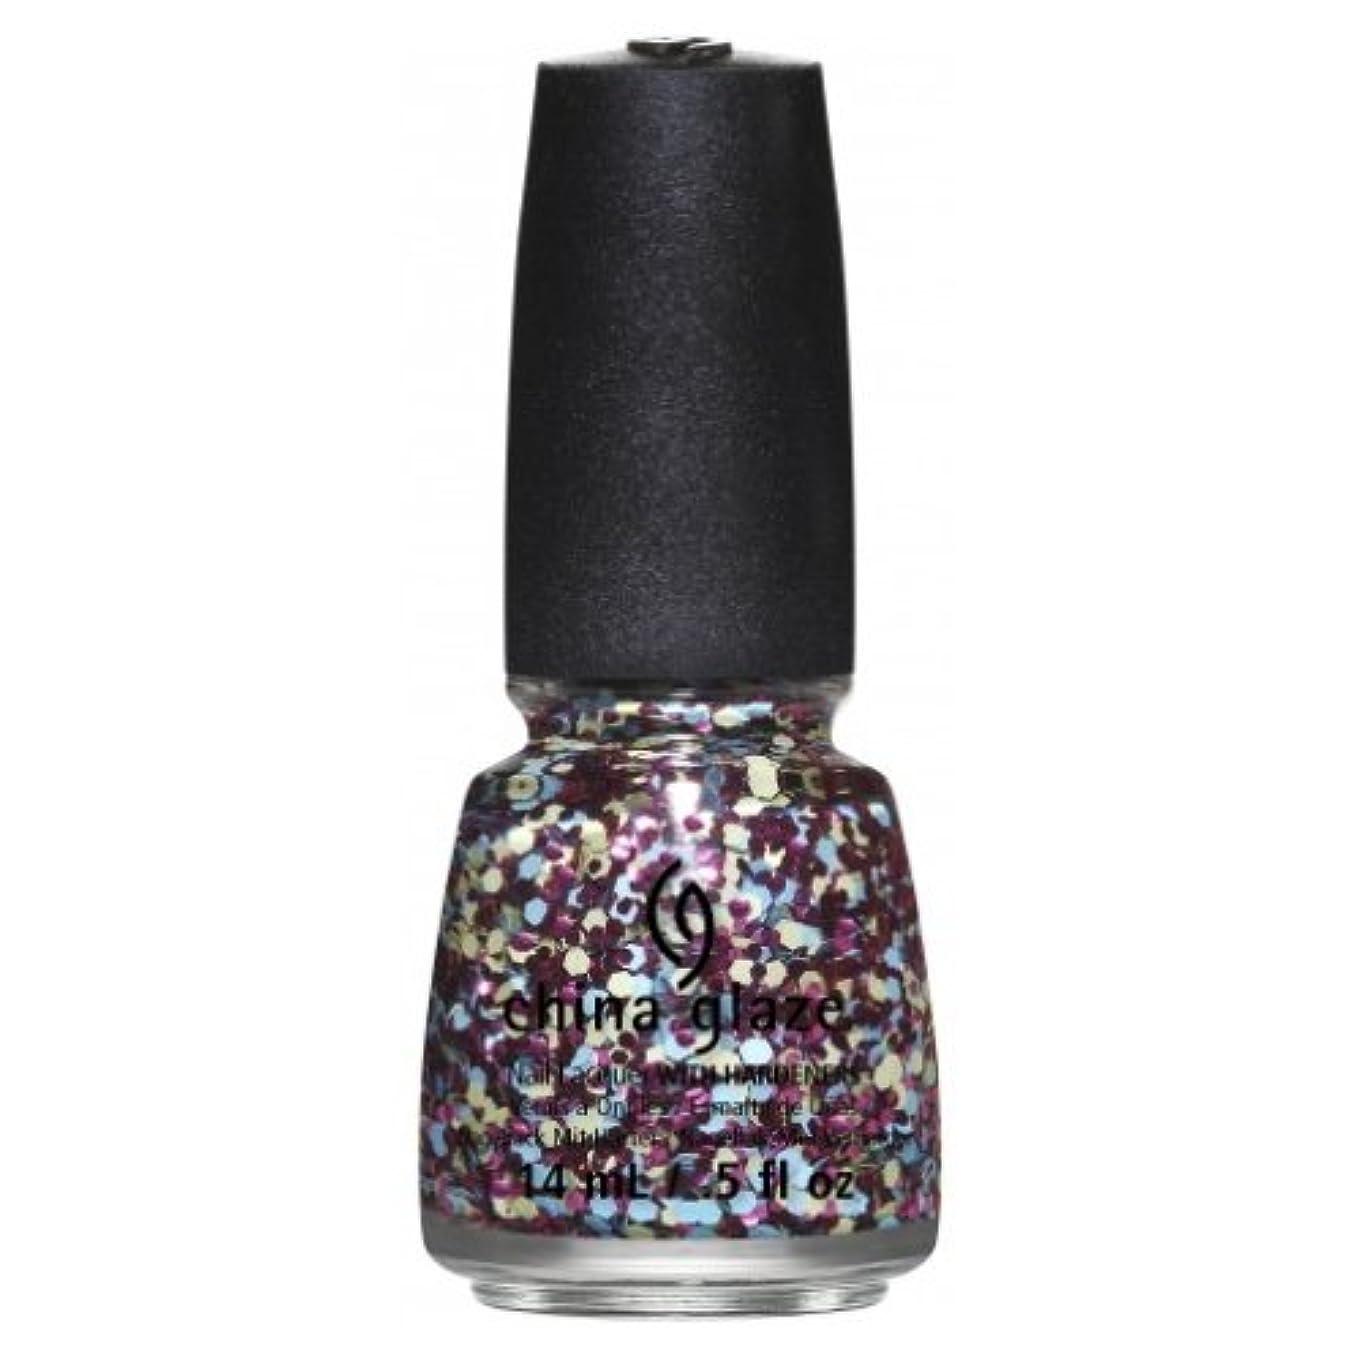 改修するブラウス守る(3 Pack) CHINA GLAZE Nail Lacquer - Suprise Collection - I'm A Go Glitter (並行輸入品)